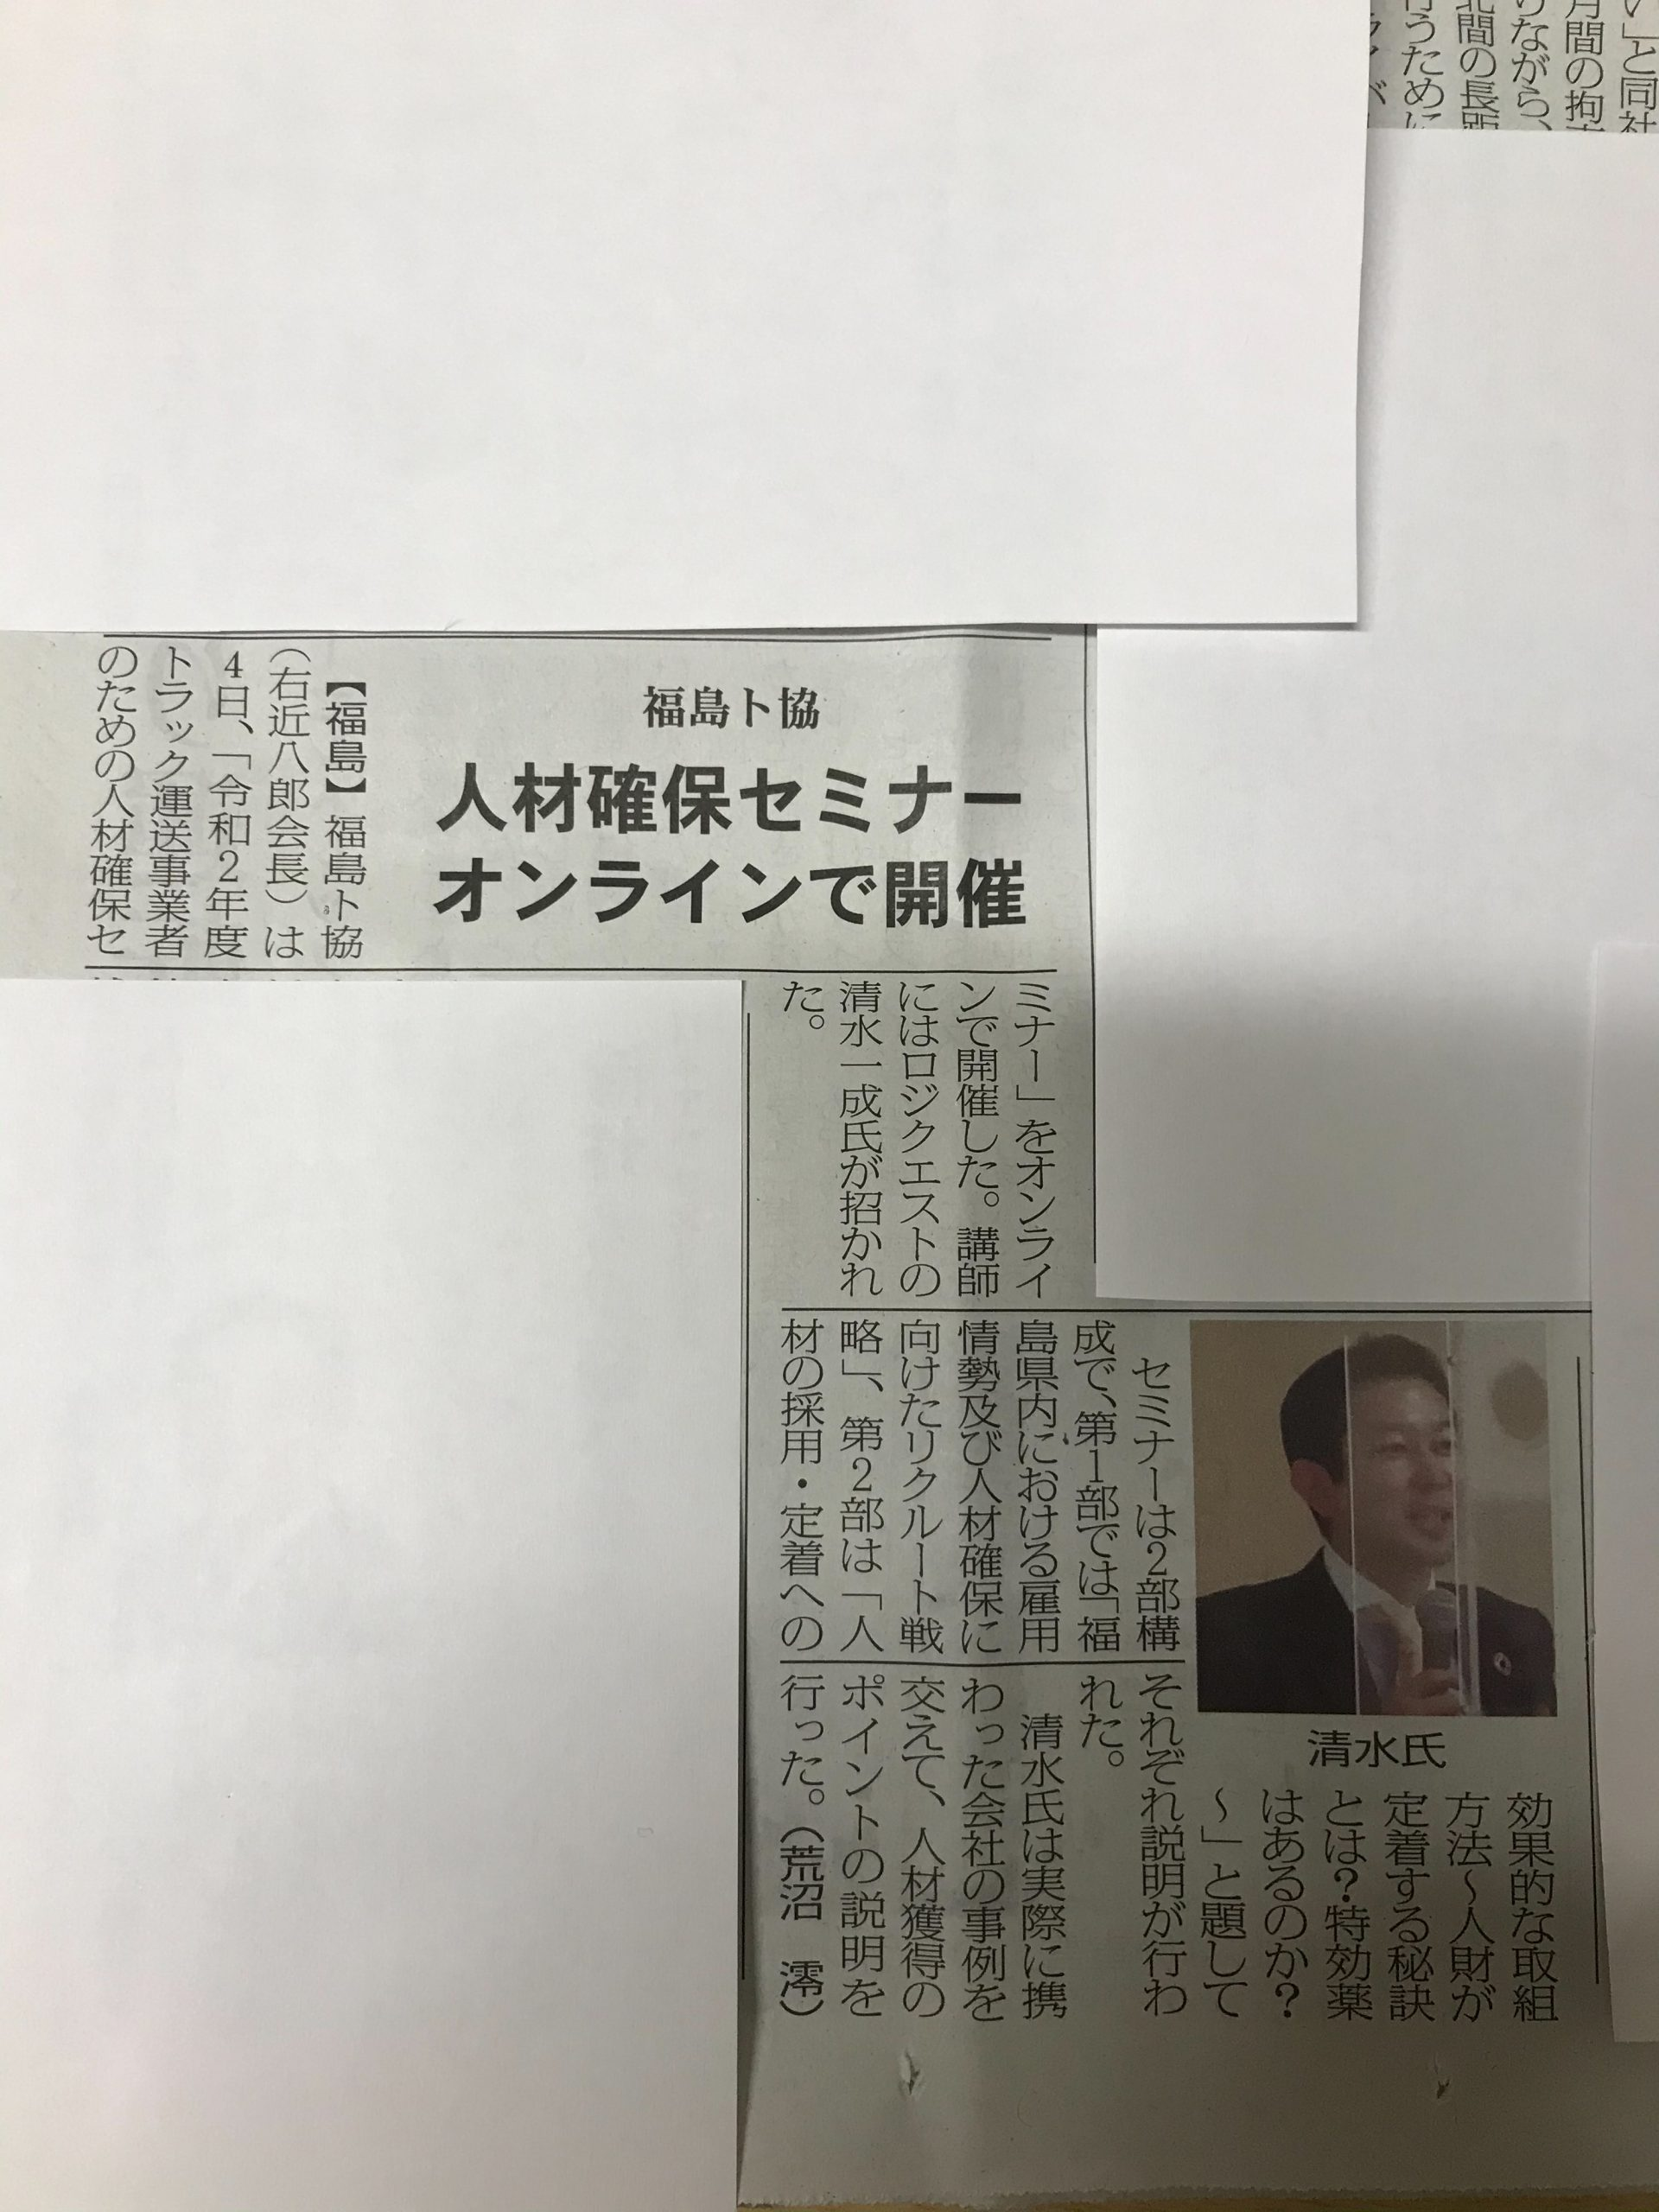 物流ウィークリー 掲載「福島県トラック協会」トラック運送事業者のための人材確保セミナー リアル&ZOOMオンラインセミナー